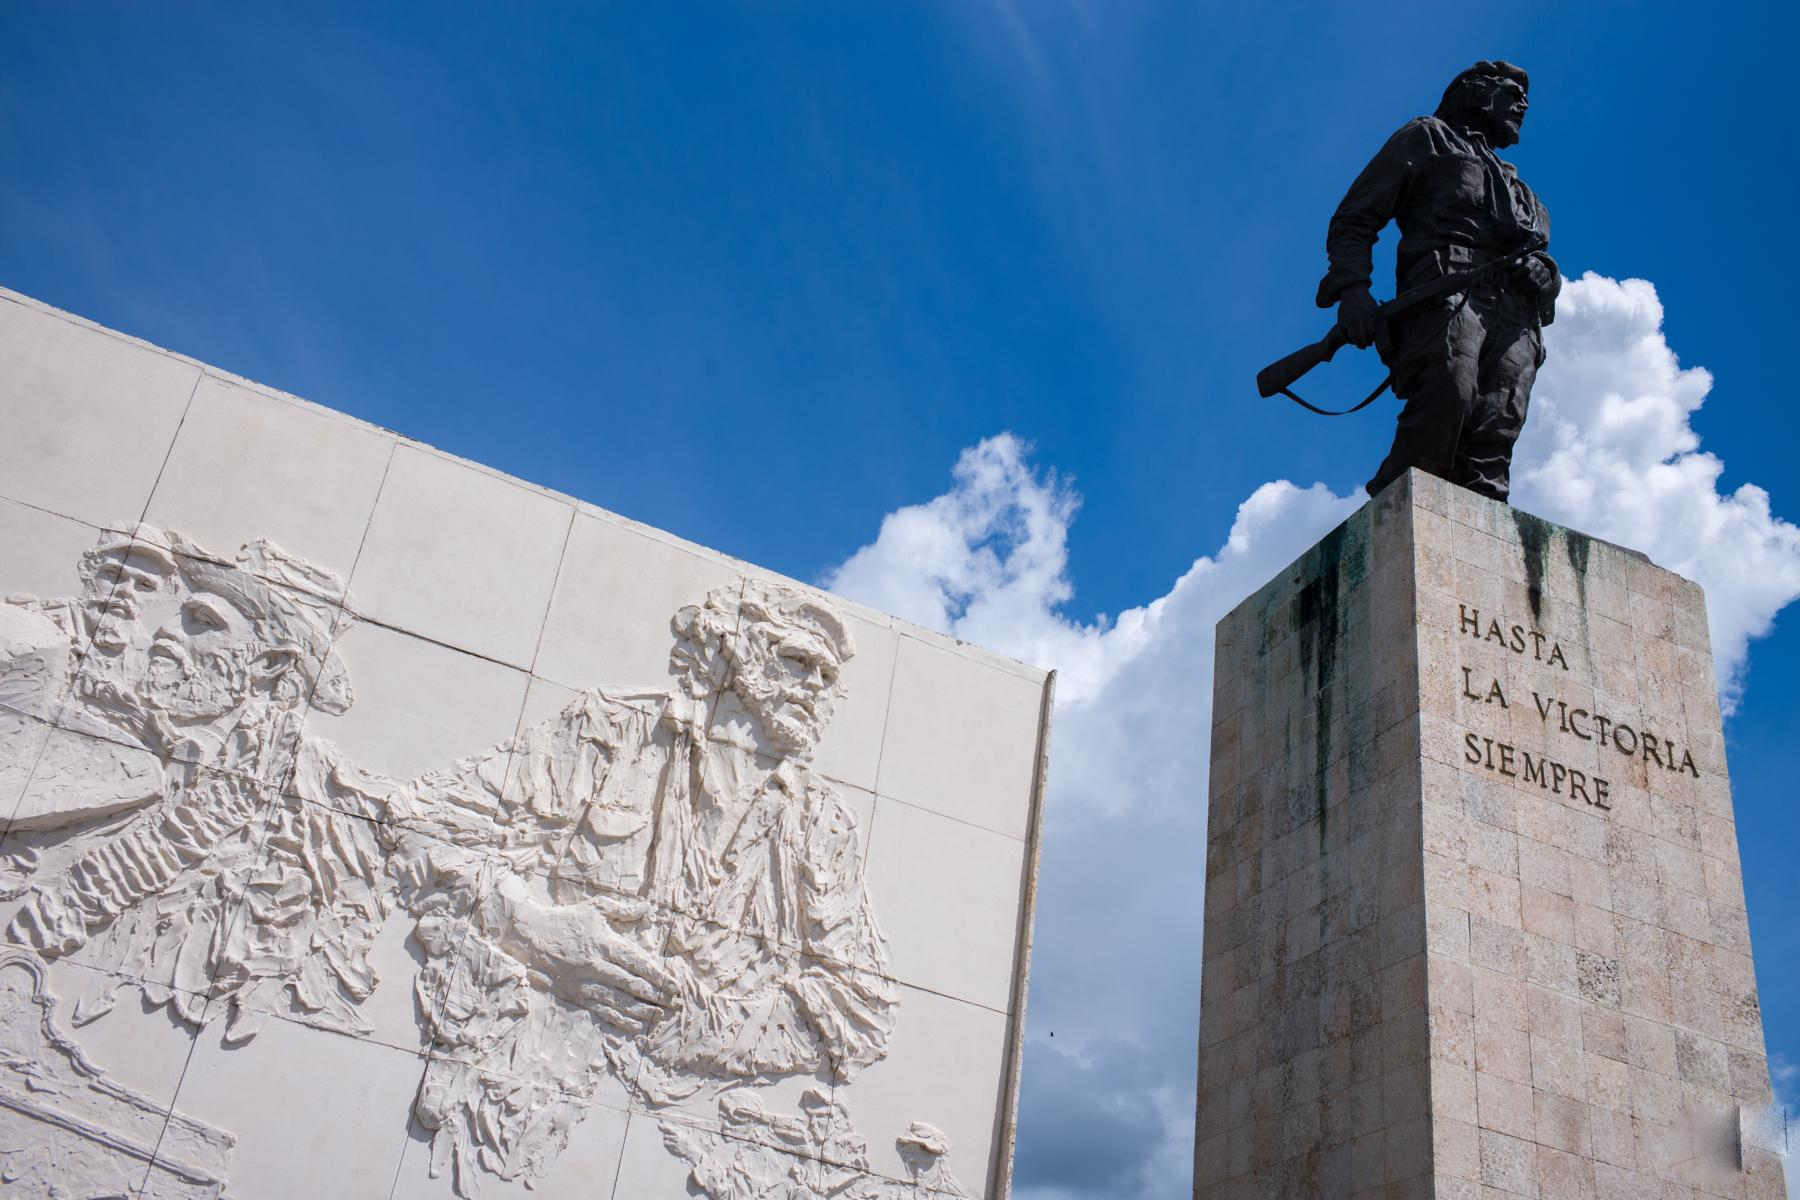 Kuba - Che-Guevara-Monument.jpg